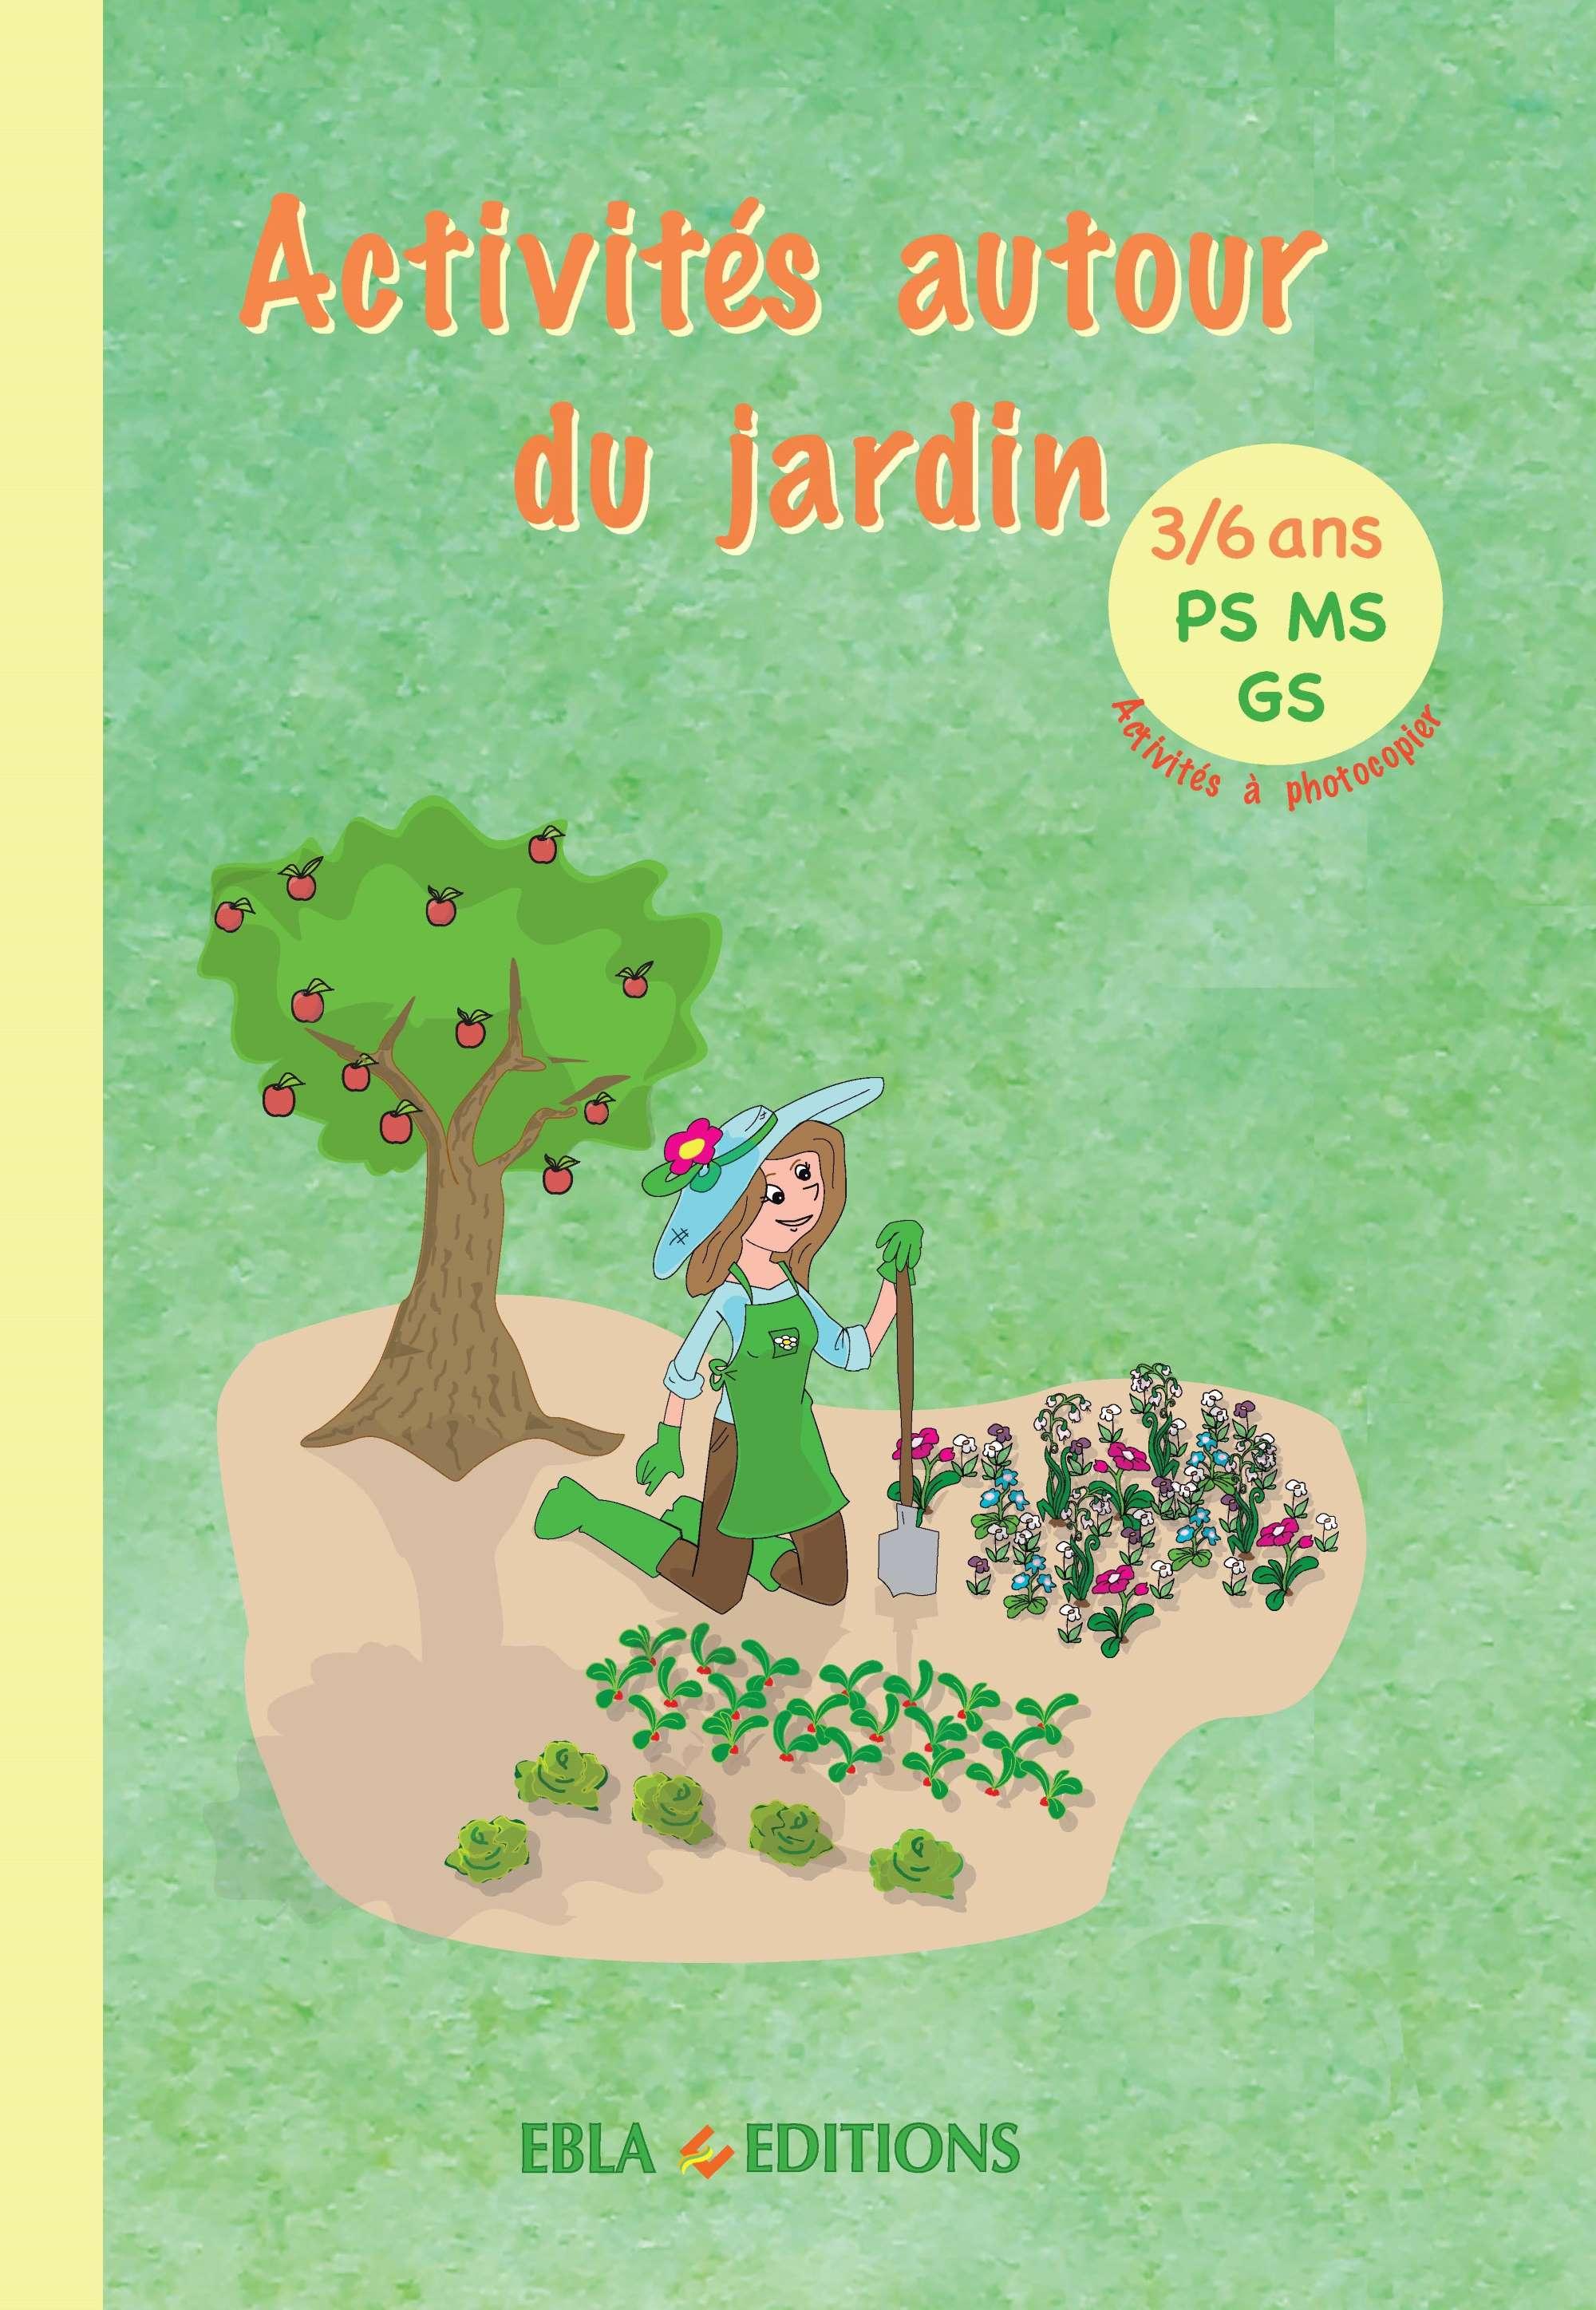 couve_jardin-.jpg